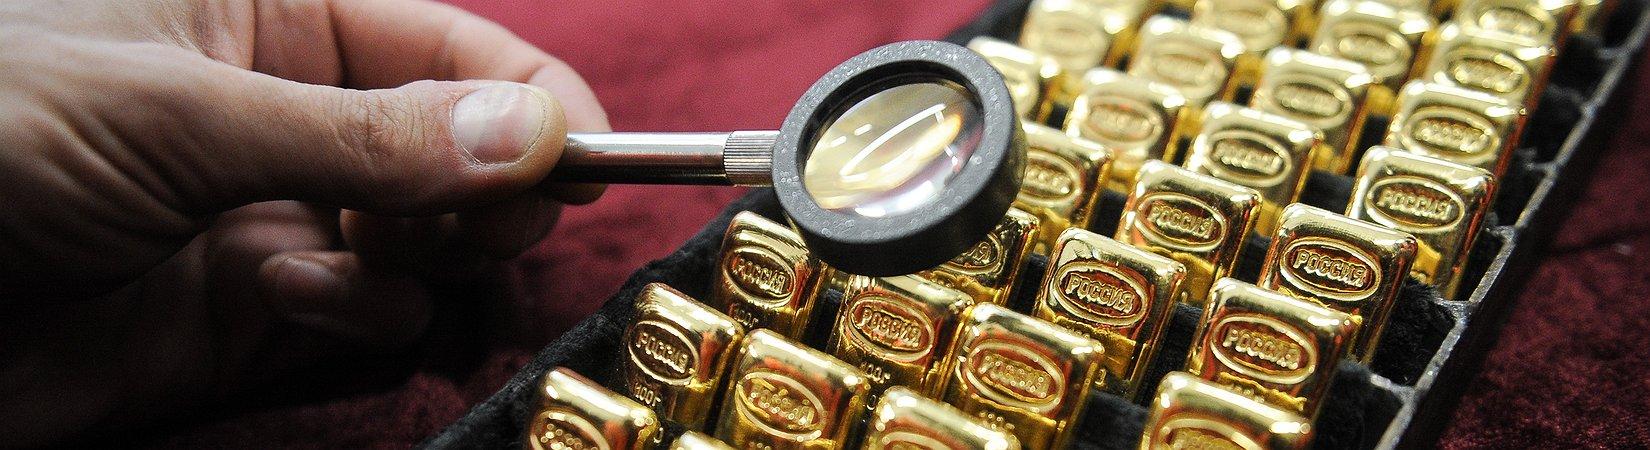 لماذا لن يصبح البيتكوين بديلاً عن الذهب